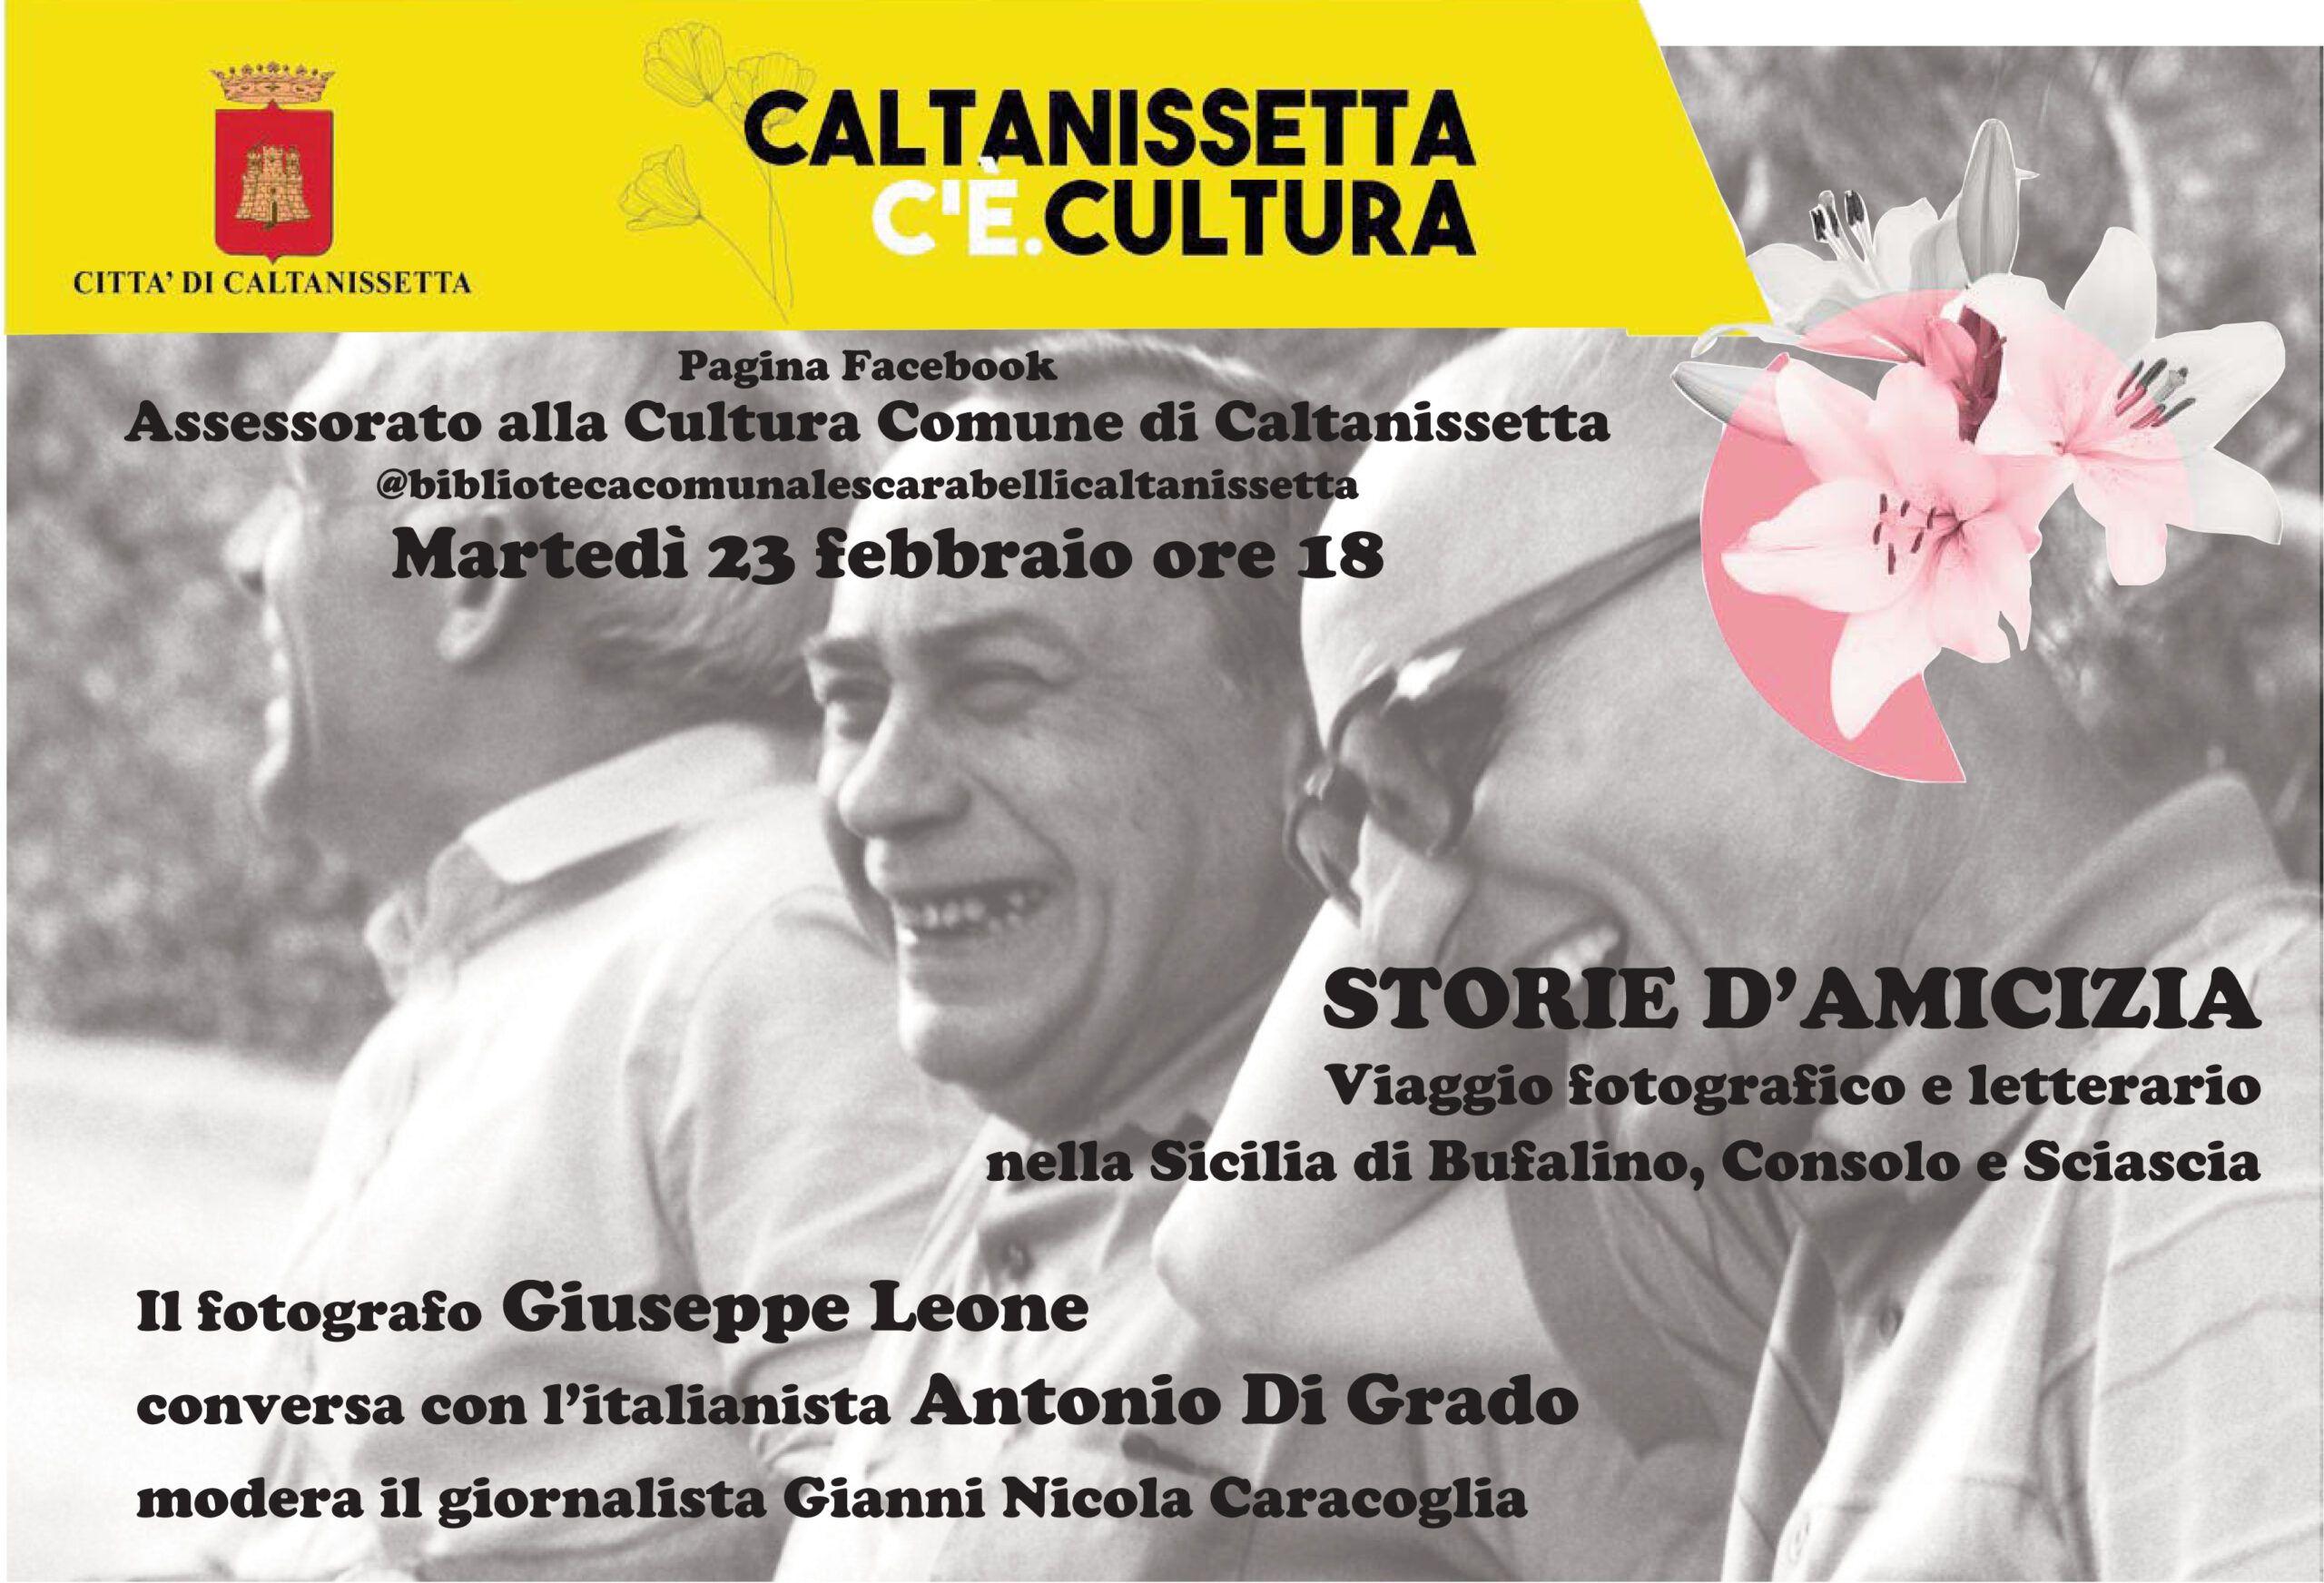 Viaggio fotografico e letterario nella Sicilia di Bufalino, Consolo e Sciascia